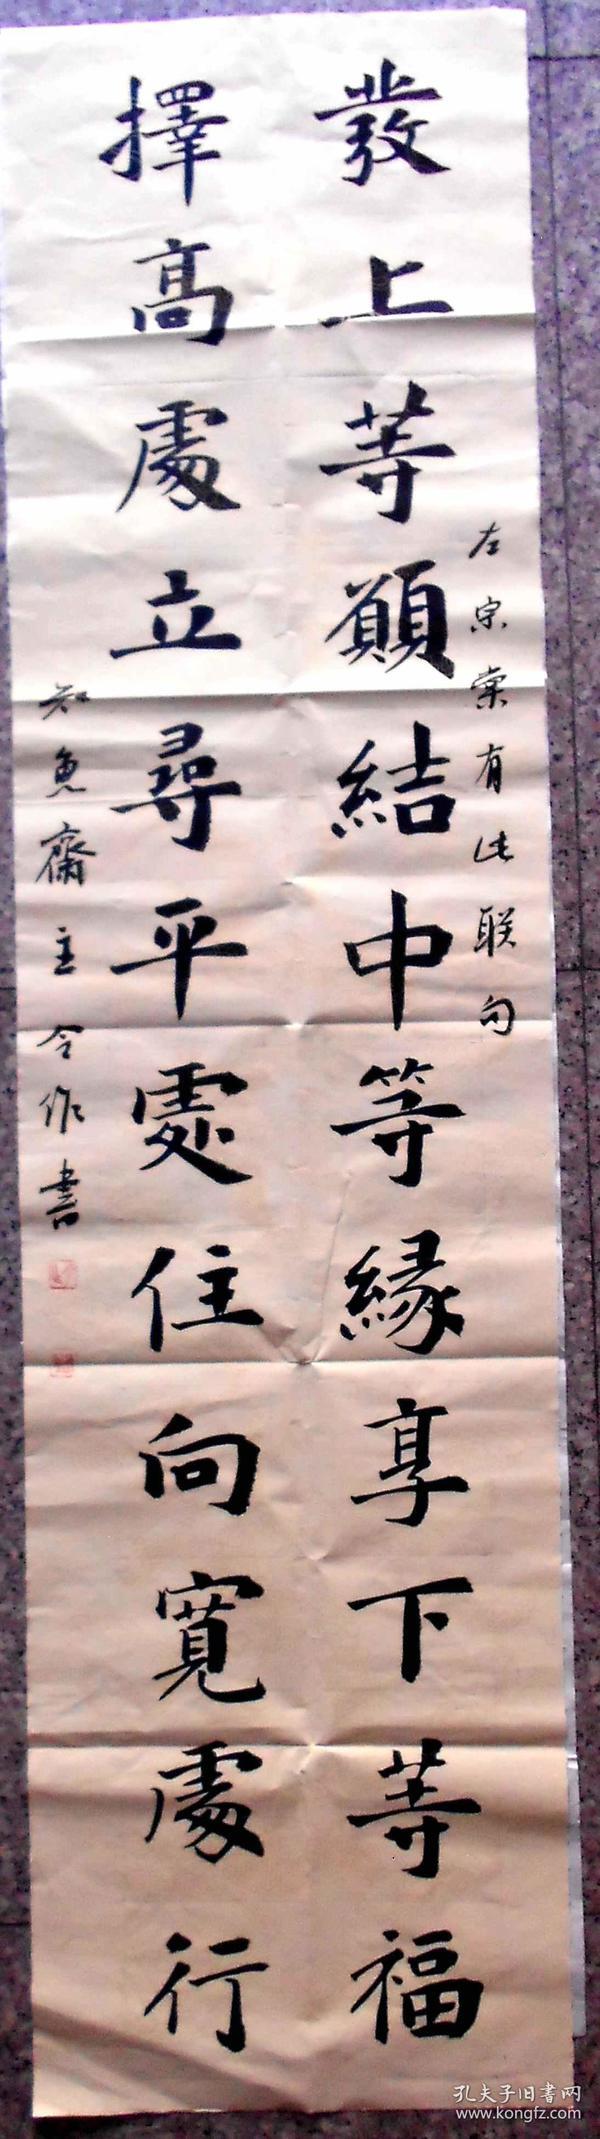 中书协会员、河北书协楷书委员孟令作四尺对开书法真迹 发上等愿1